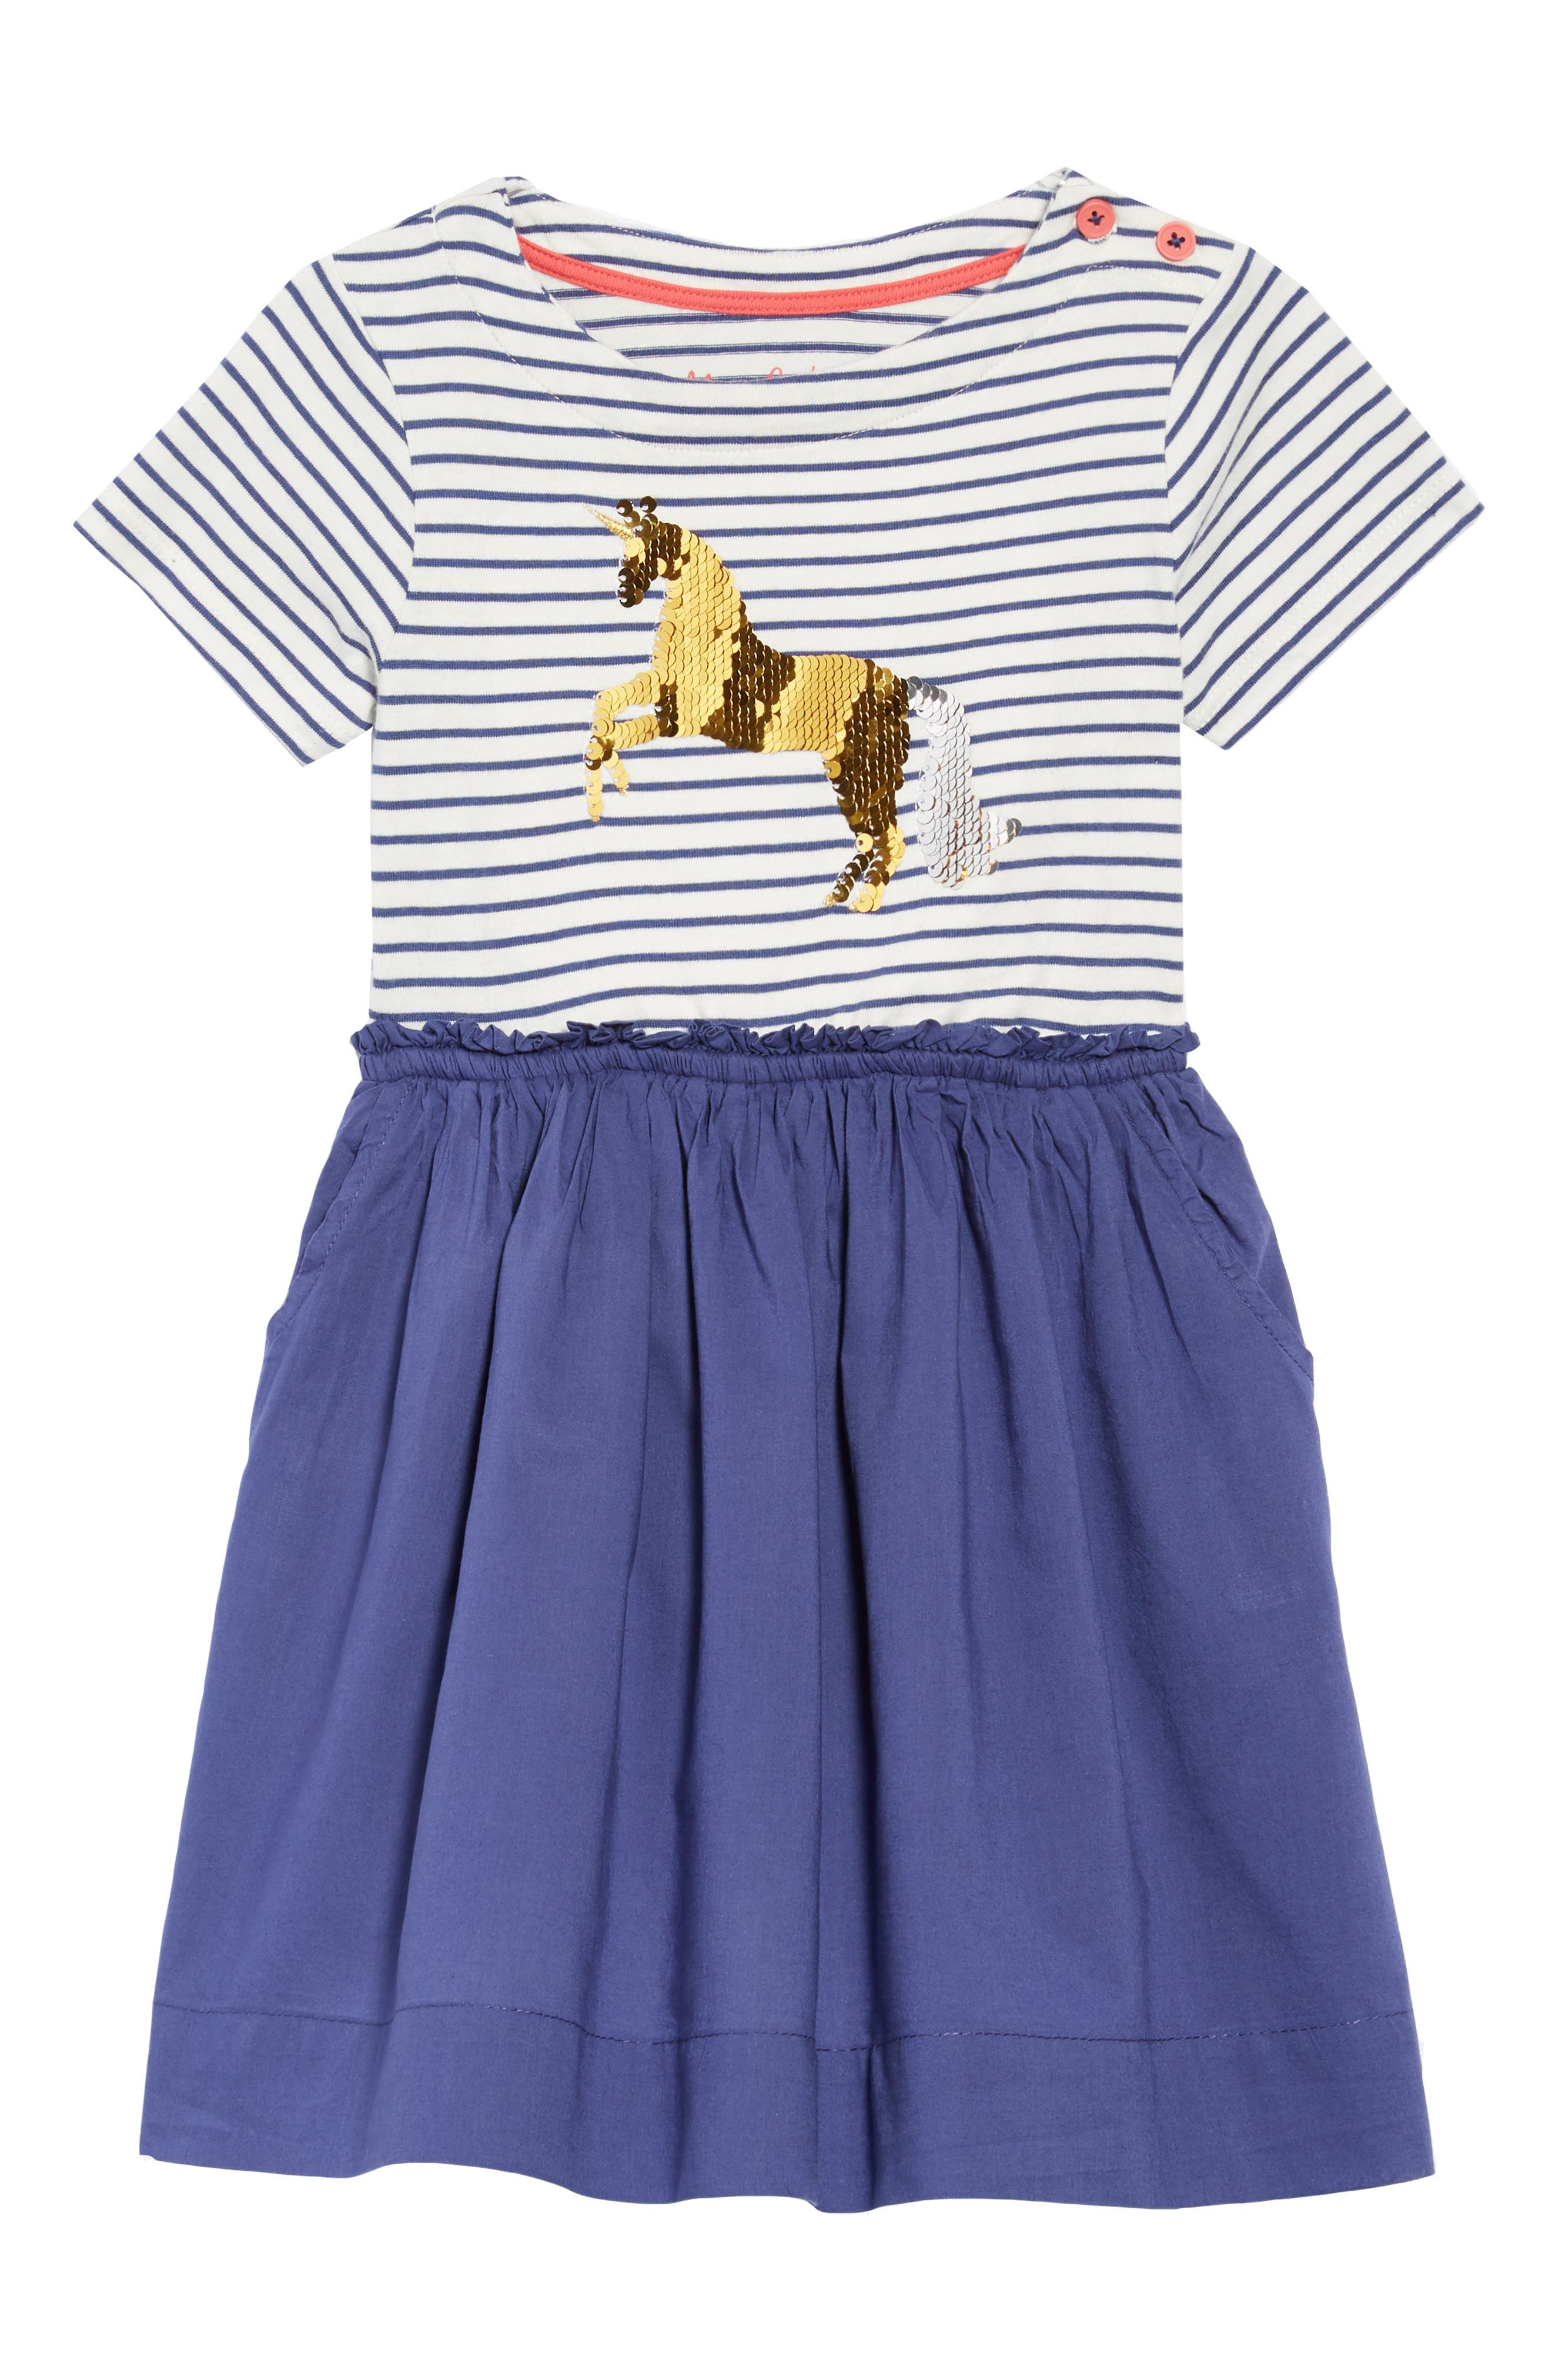 Color Change Sequin Unicorn Dress,                             Main thumbnail 1, color,                             414